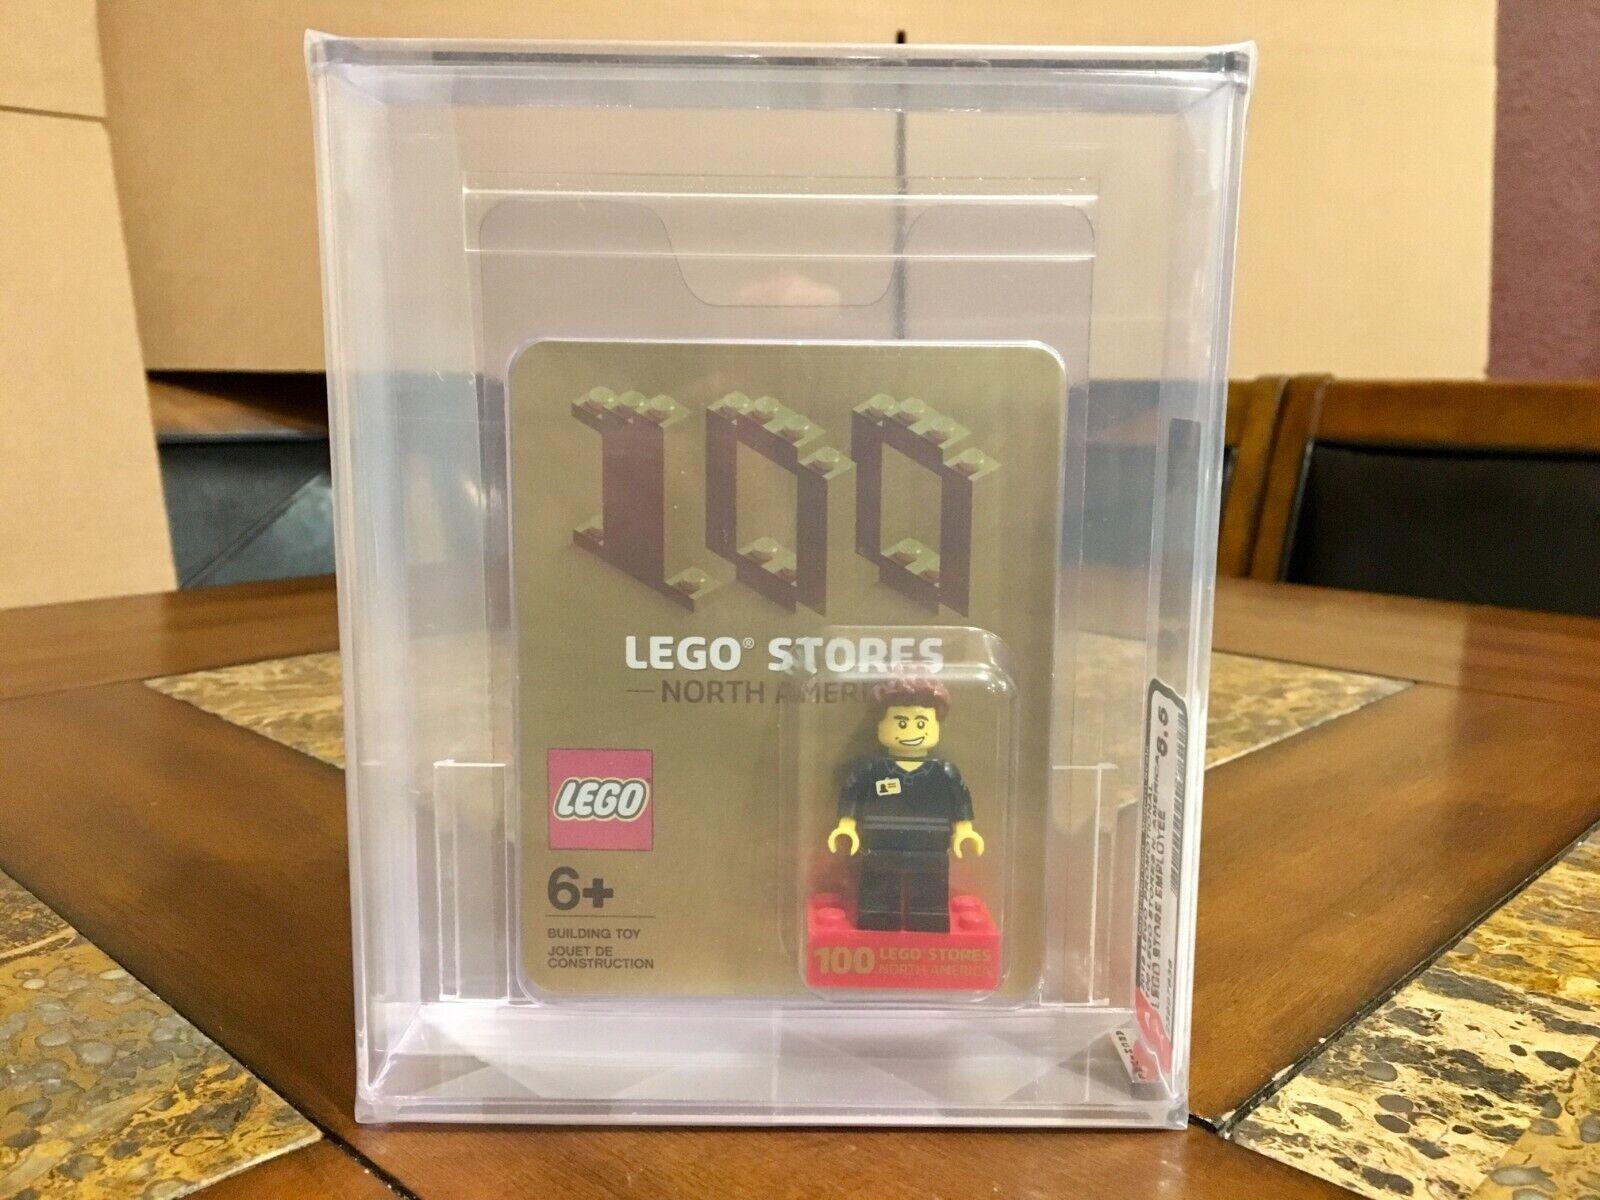 marchi di stilisti economici LEGO LEGO LEGO EXCLUSIVE PROMOTIONAL 100 NORTH AMERICAN STORES nuovo AFA 8.5 VERY RARE   negozi al dettaglio